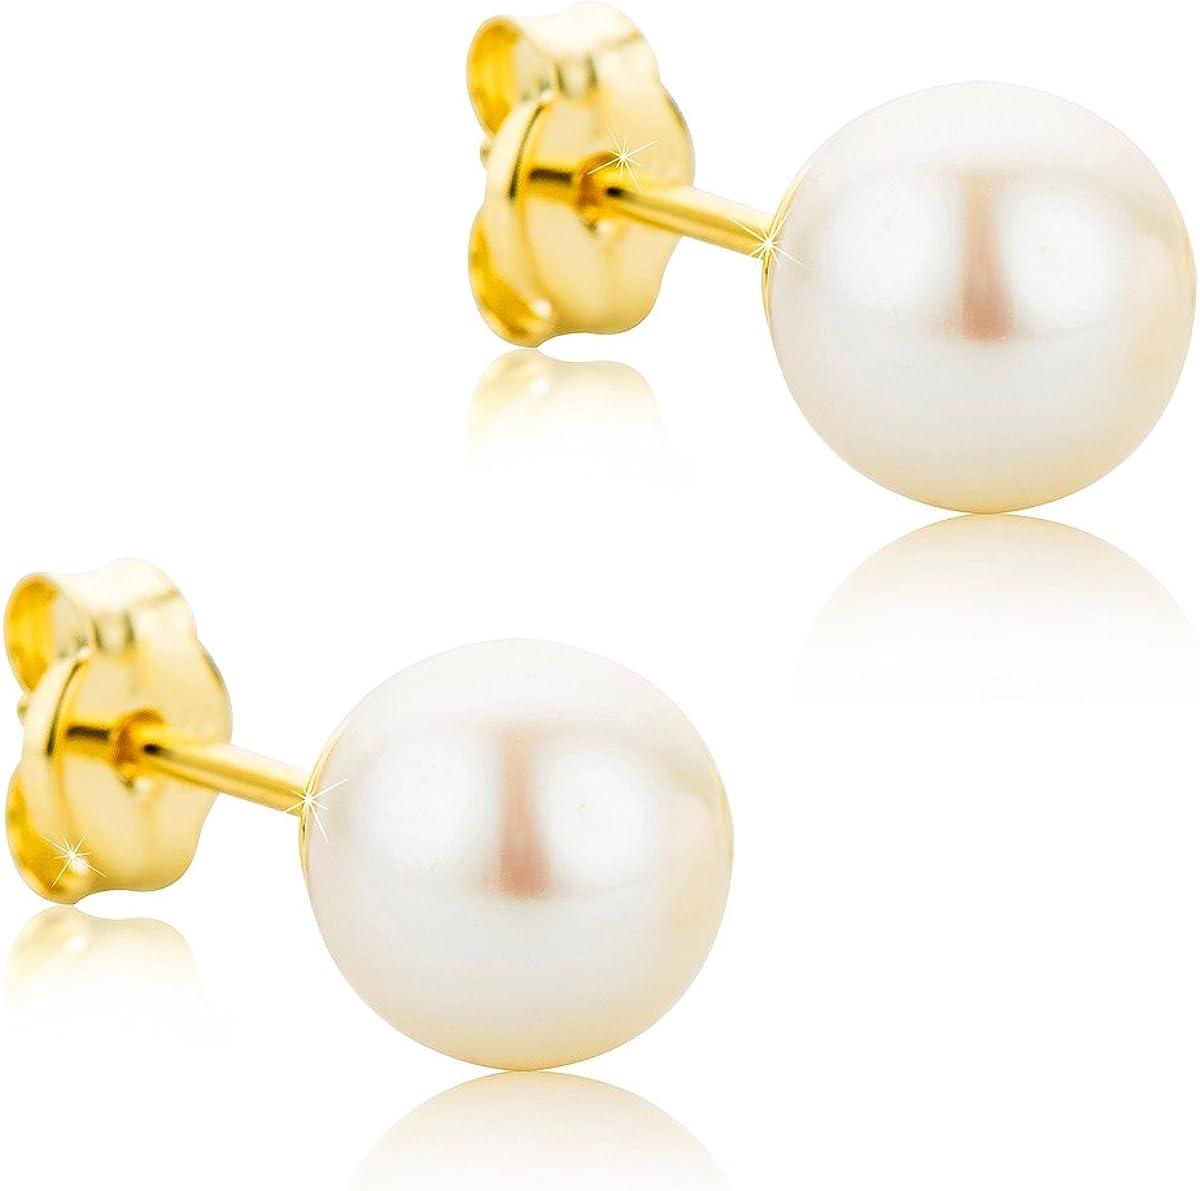 Orovi pendientes de mujer presión Perlas blancas 6-6.5 de aguadulce en oro amarillo 9 kilates ley 375